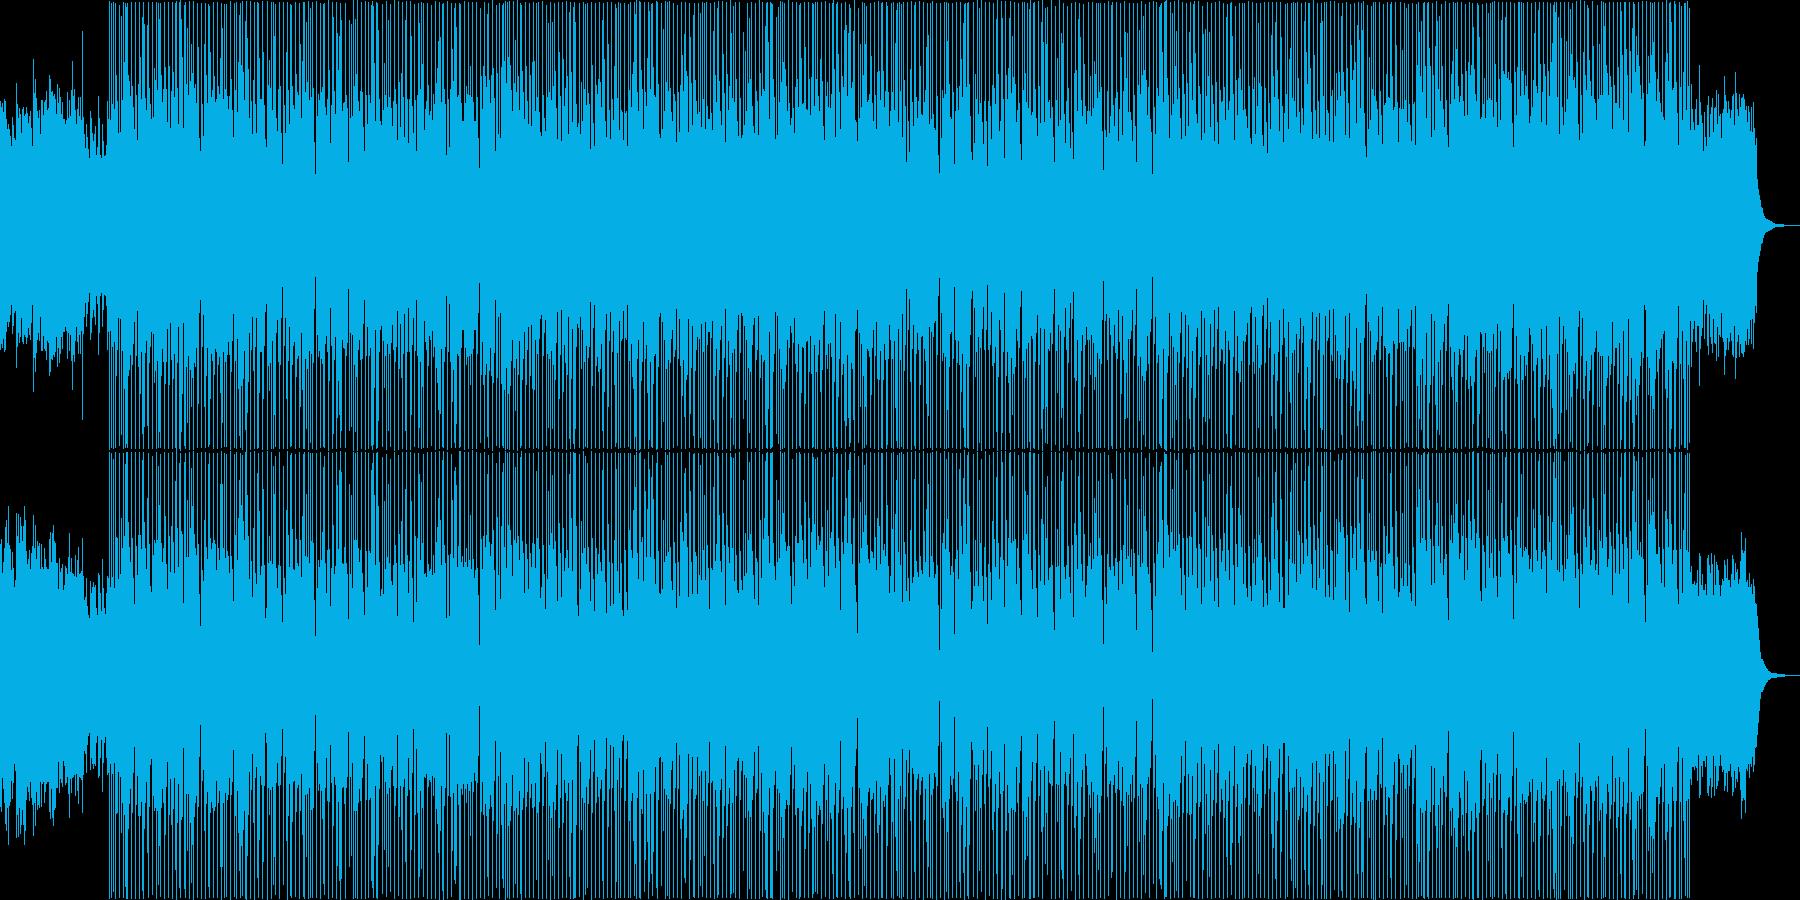 賑やかで楽しいクリスマスBGMの再生済みの波形